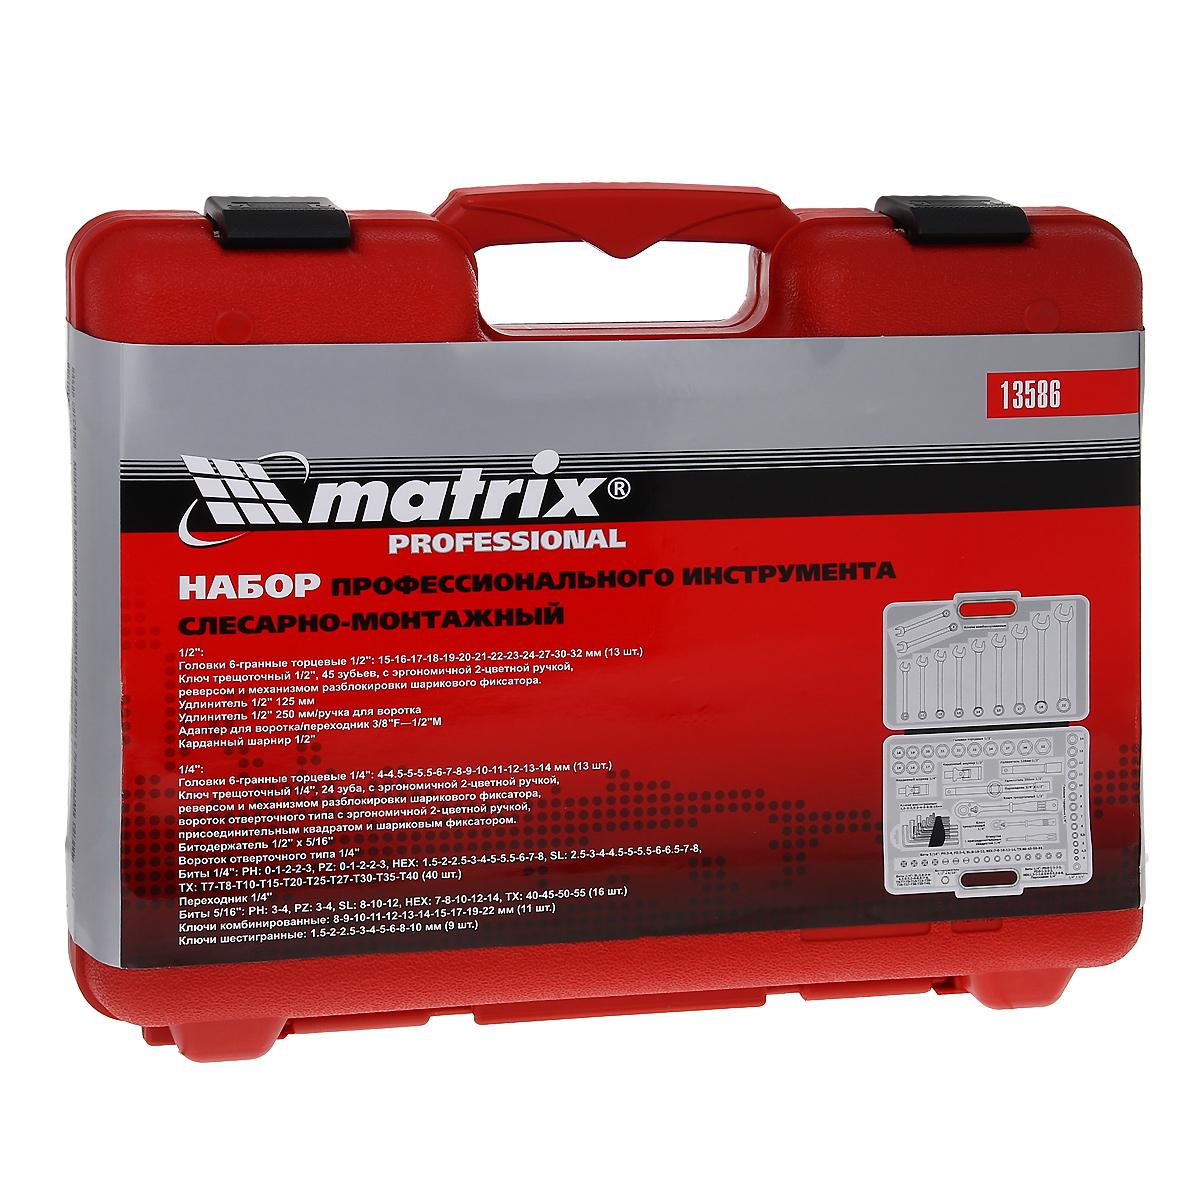 Набор слесарно-монтажный Matrix, 112 предметов80621Слесарно-монтажный набор Matrix предназначен для монтажа и демонтажа резьбовых соединений. Инструменты выполнены из хромованадиевой стали с хромированным покрытием, что обеспечивает высокое качество и долговечность.Состав набора:1/2:Головки шестигранные торцевые: 15 мм, 16 мм, 17 мм, 18 мм, 19 мм, 20 мм, 21 мм, 22 мм, 23 мм, 24 мм, 27 мм, 30 мм, 32 мм.Ключ трещоточный, 45 зубьев, с эргономичной двухцветной ручкой, реверсом и механизмом разблокировки шарикового фиксатора.Удлинитель 125 мм.Удлинитель 250 мм/ручка для воротка.Адаптер для воротка/переходник 3/8F-1/2M.Карданный шарнир.1/4:Головки шестигранные торцевые: 4 мм, 4,5 мм, 5 мм, 5,5 мм, 6 мм, 7 мм, 8 мм, 9 мм, 10 мм, 11 мм, 12 мм, 13 мм, 14 мм.Ключ трещоточный, 24 зуба, с эргономичной двухцветной ручкой, реверсом и механизмом разблокировки шарикового фиксатора.Вороток отверточного типа с эргономичной двухцветной ручкой, присоединительным квадратом и шариковым фиксатором.Битодержатель 1/2 х 5/16.Вороток отверточного типа.Биты: PH0, PH1, PH2 x 2, PH3, PZ0, PZ1, PZ2 x 2, PZ3, Hex1,5, Hex2, Hex2,5, Hex3, Hex4, Hex5, Hex5,5, Hex6, Hex7, Hex8, SL2,5, SL3, SL4, SL4,5, SL5, SL5,5 SL6, SL6,5, SL7, SL8, T7, T8, T10, T15, T20, T25, T27, T30, T35, T40.Переходник.Биты 5/16: PH3, PH4, PZ3, PZ4, SL8, SL10, SL12, Hex7, Hex8, Hex10, Hex12, Hex14, T40, T45, T50, T55.Ключи комбинированные: 8 мм, 9 мм, 10 мм, 11 мм, 12 мм. 13 мм, 14 мм, 15 мм, 17 мм, 19 мм, 22 мм.Ключи шестигранные: 1,5 мм, 2 мм, 2,5 мм, 3 мм, 4 мм, 5 мм, 6 мм, 8 мм, 10 мм.